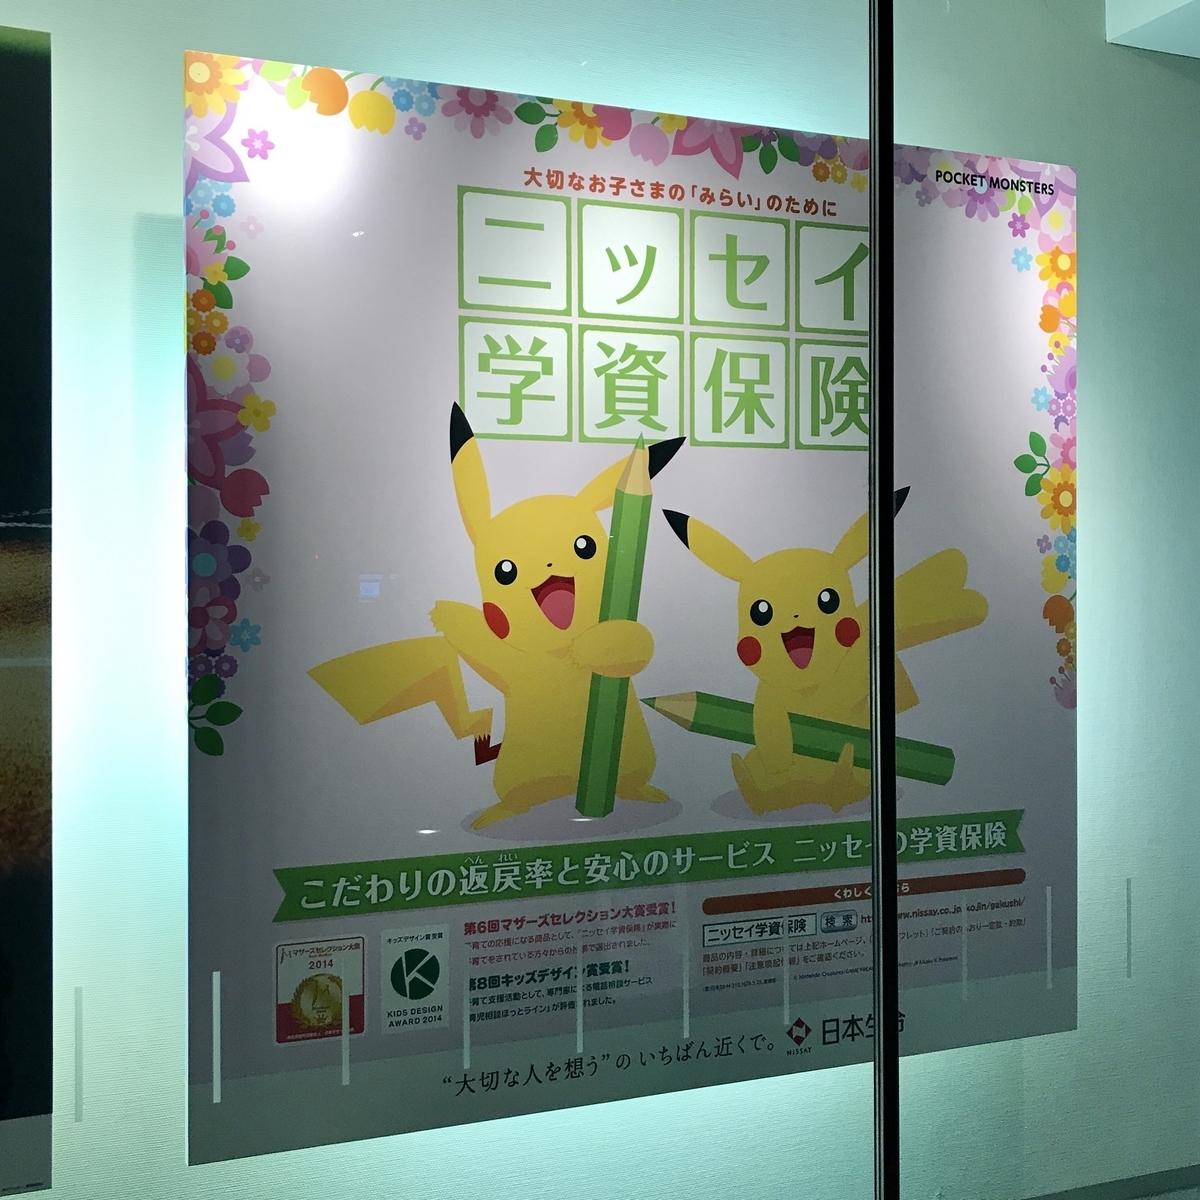 f:id:pikachu_pcn:20190328211144j:plain